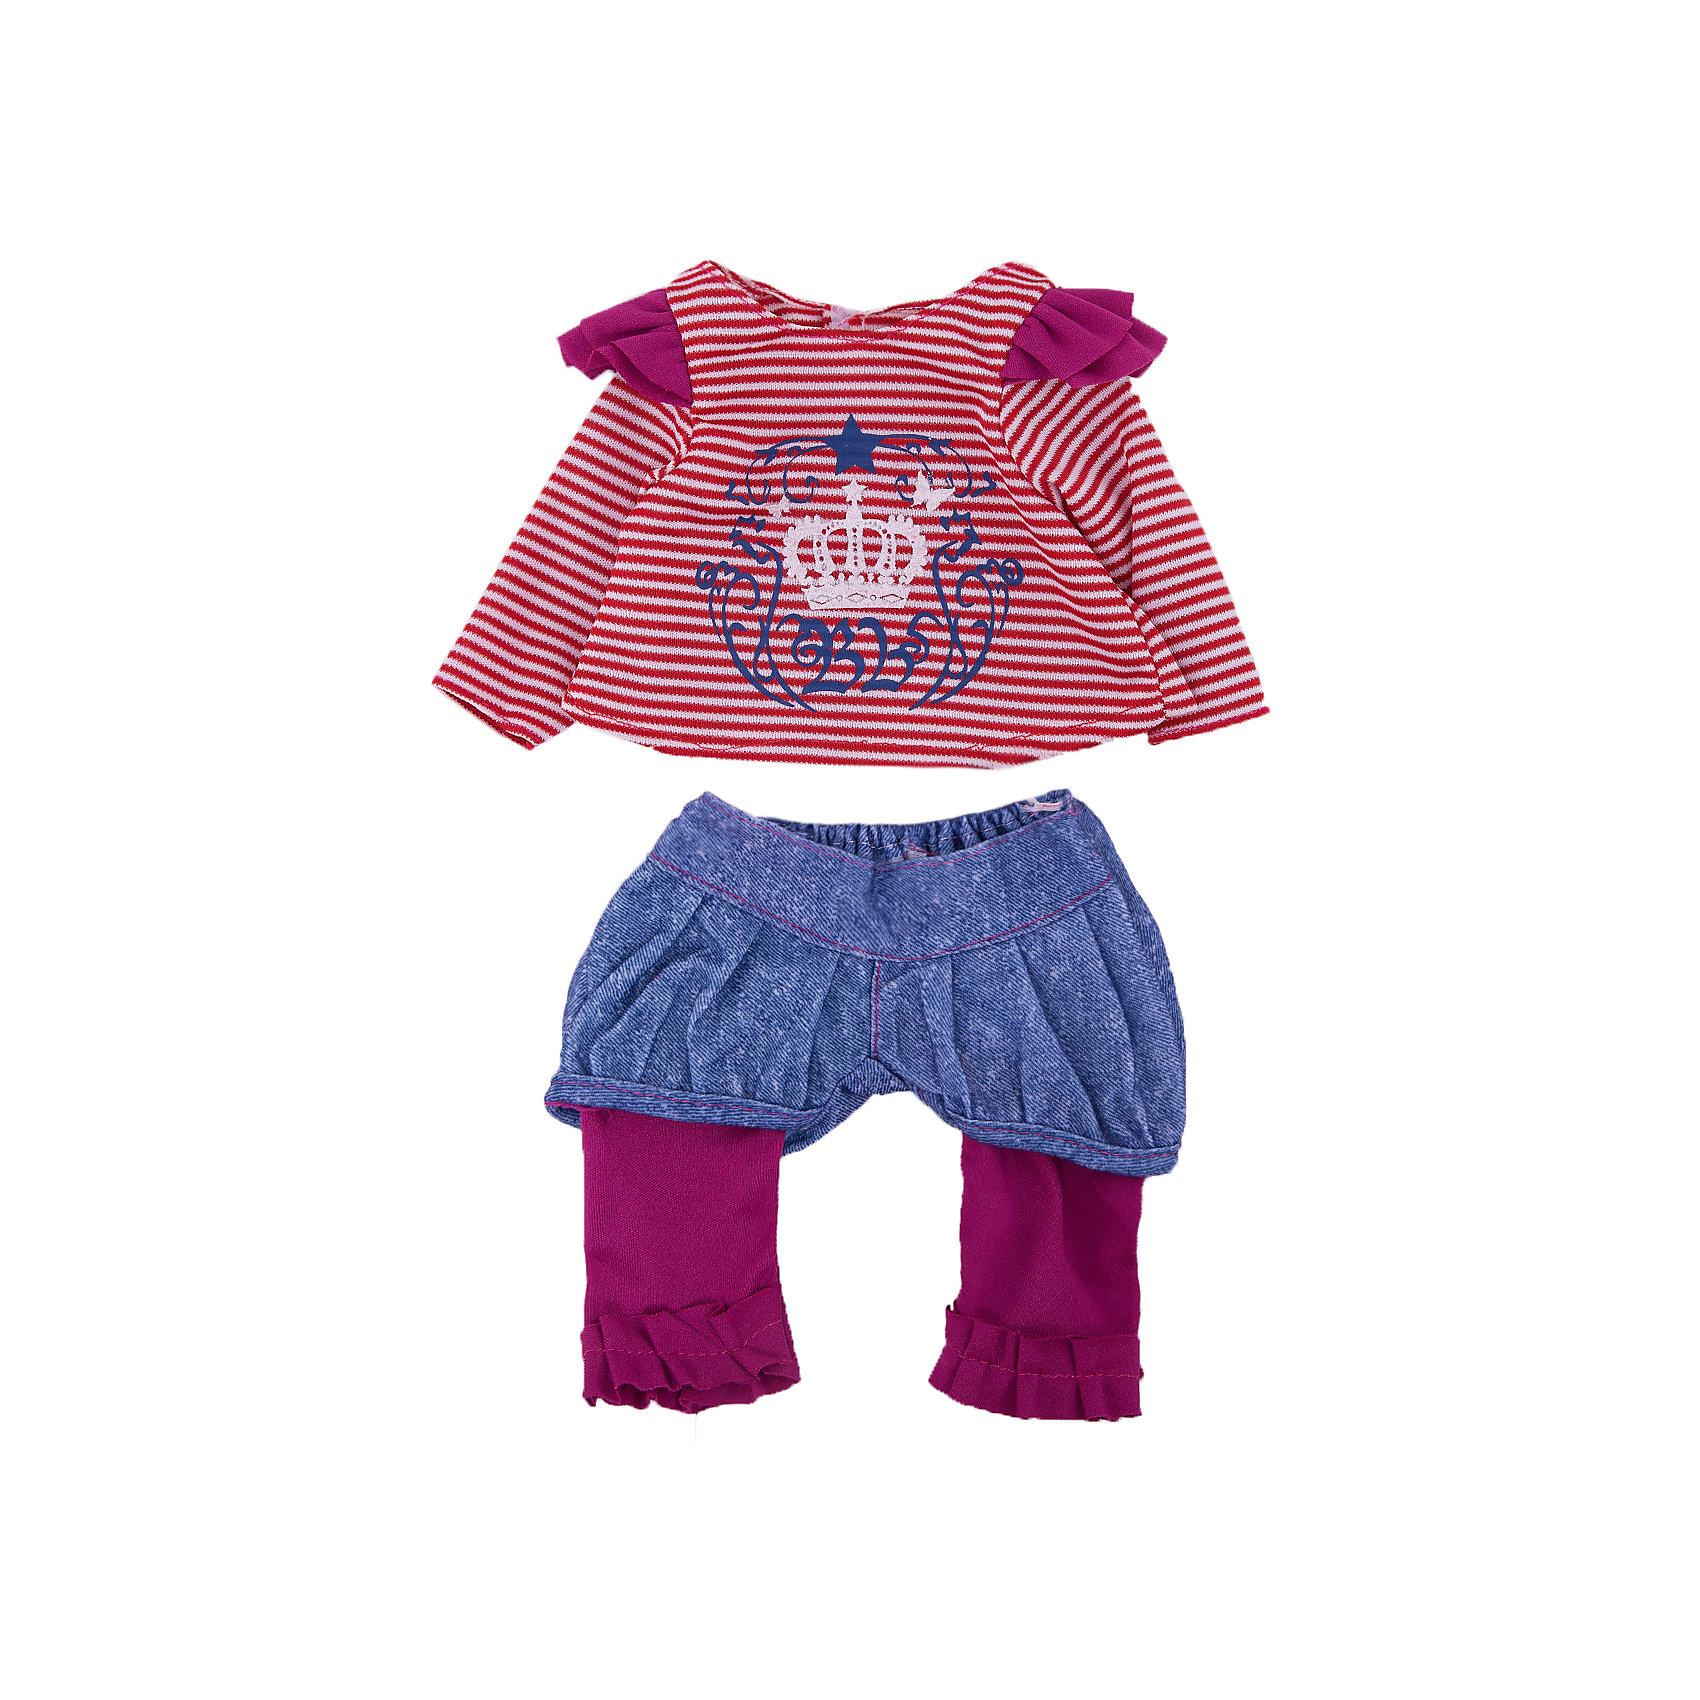 Одежда для кукол Кофточка и штаныКукольная одежда и аксессуары<br>Одежда для кукол: кофточка и штаны , размер: 30x20см, текстильные материалы, от 1 года<br><br>Ширина мм: 300<br>Глубина мм: 200<br>Высота мм: 10<br>Вес г: 521<br>Возраст от месяцев: 36<br>Возраст до месяцев: 144<br>Пол: Женский<br>Возраст: Детский<br>SKU: 4896509